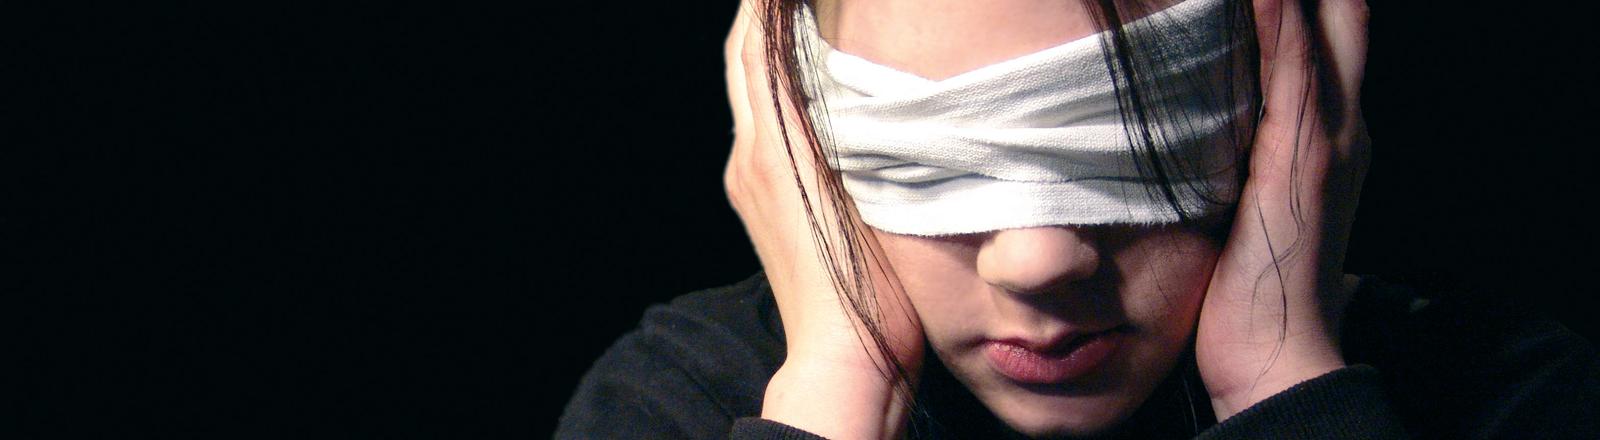 Eine Frau hält sich die Ohren zu und hat die Augen verbunden.